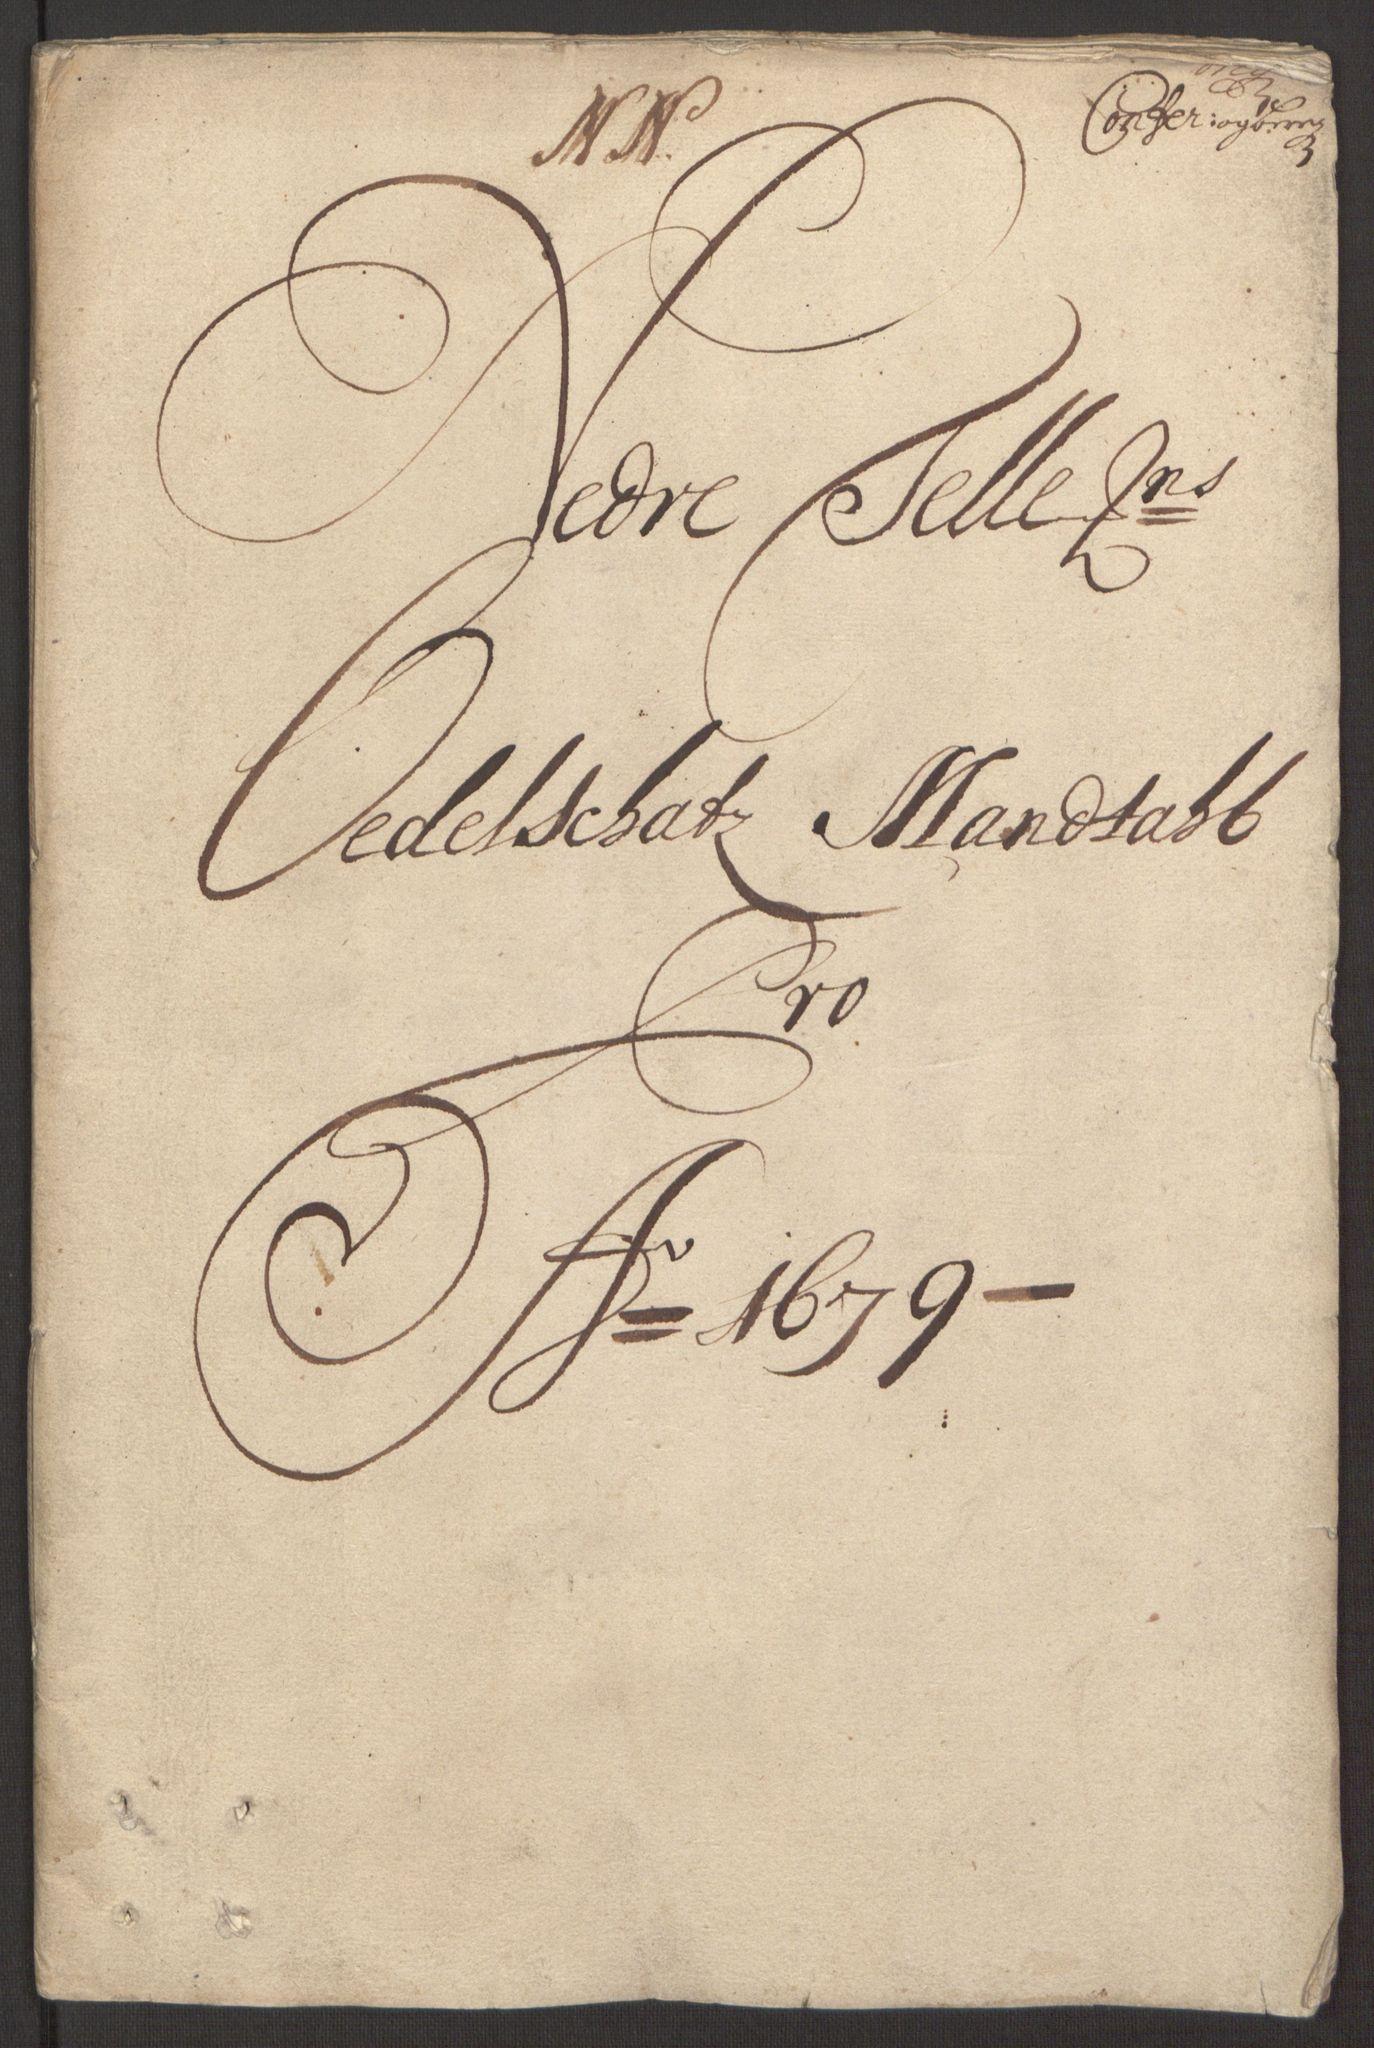 RA, Rentekammeret inntil 1814, Reviderte regnskaper, Fogderegnskap, R35/L2072: Fogderegnskap Øvre og Nedre Telemark, 1679, s. 85